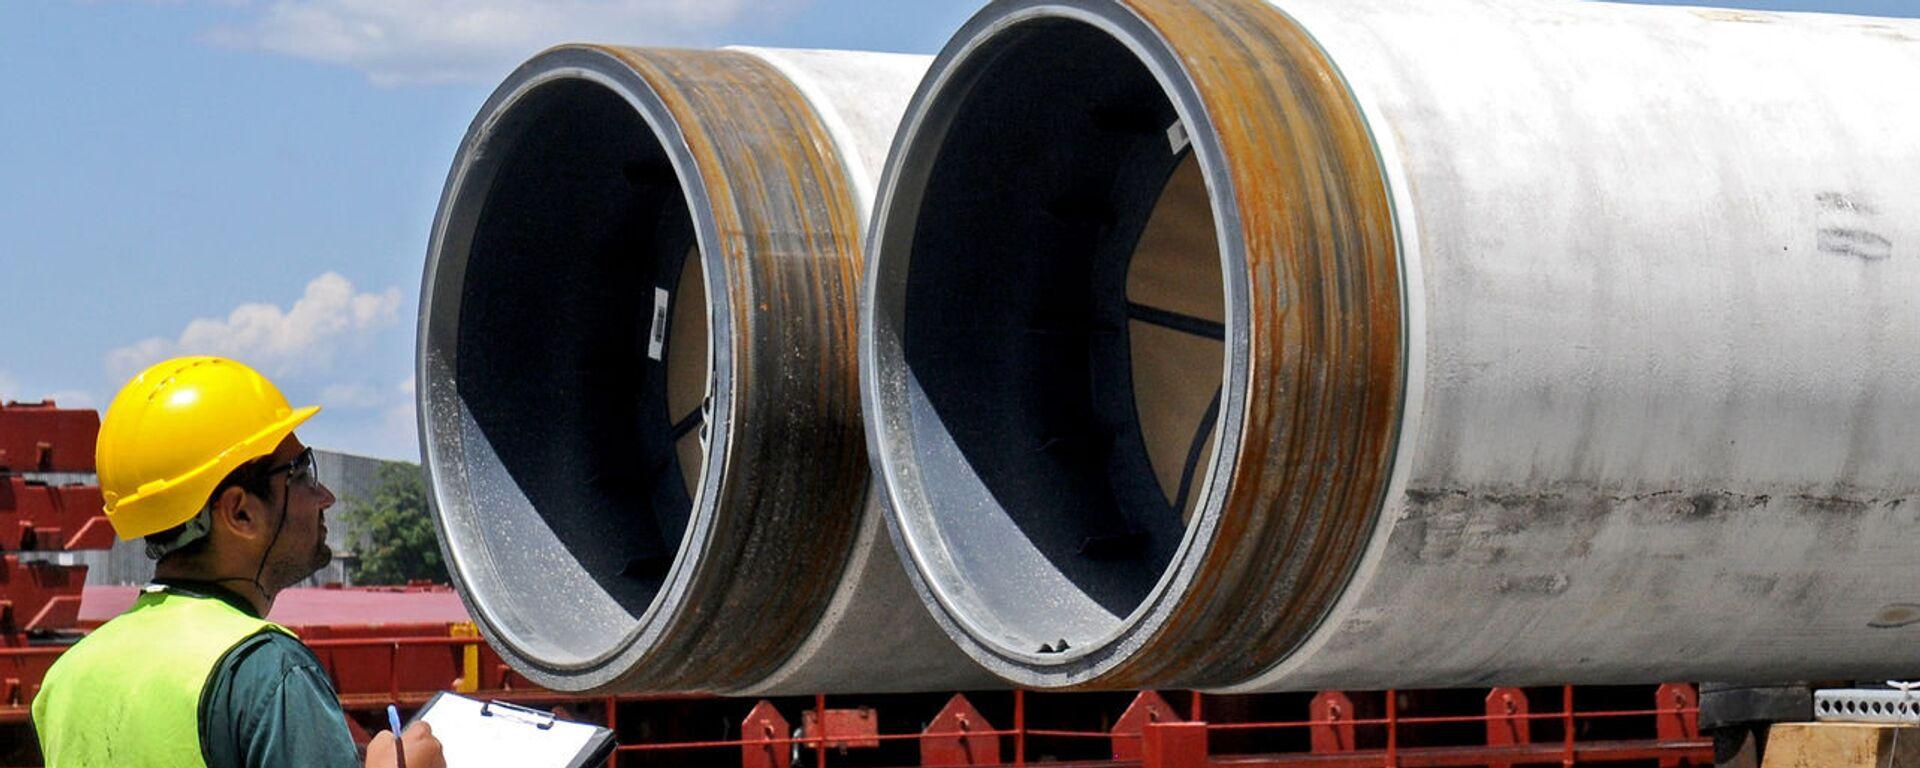 Доставка труб для морского газопровода «Турецкий поток» - Sputnik Грузия, 1920, 24.07.2020